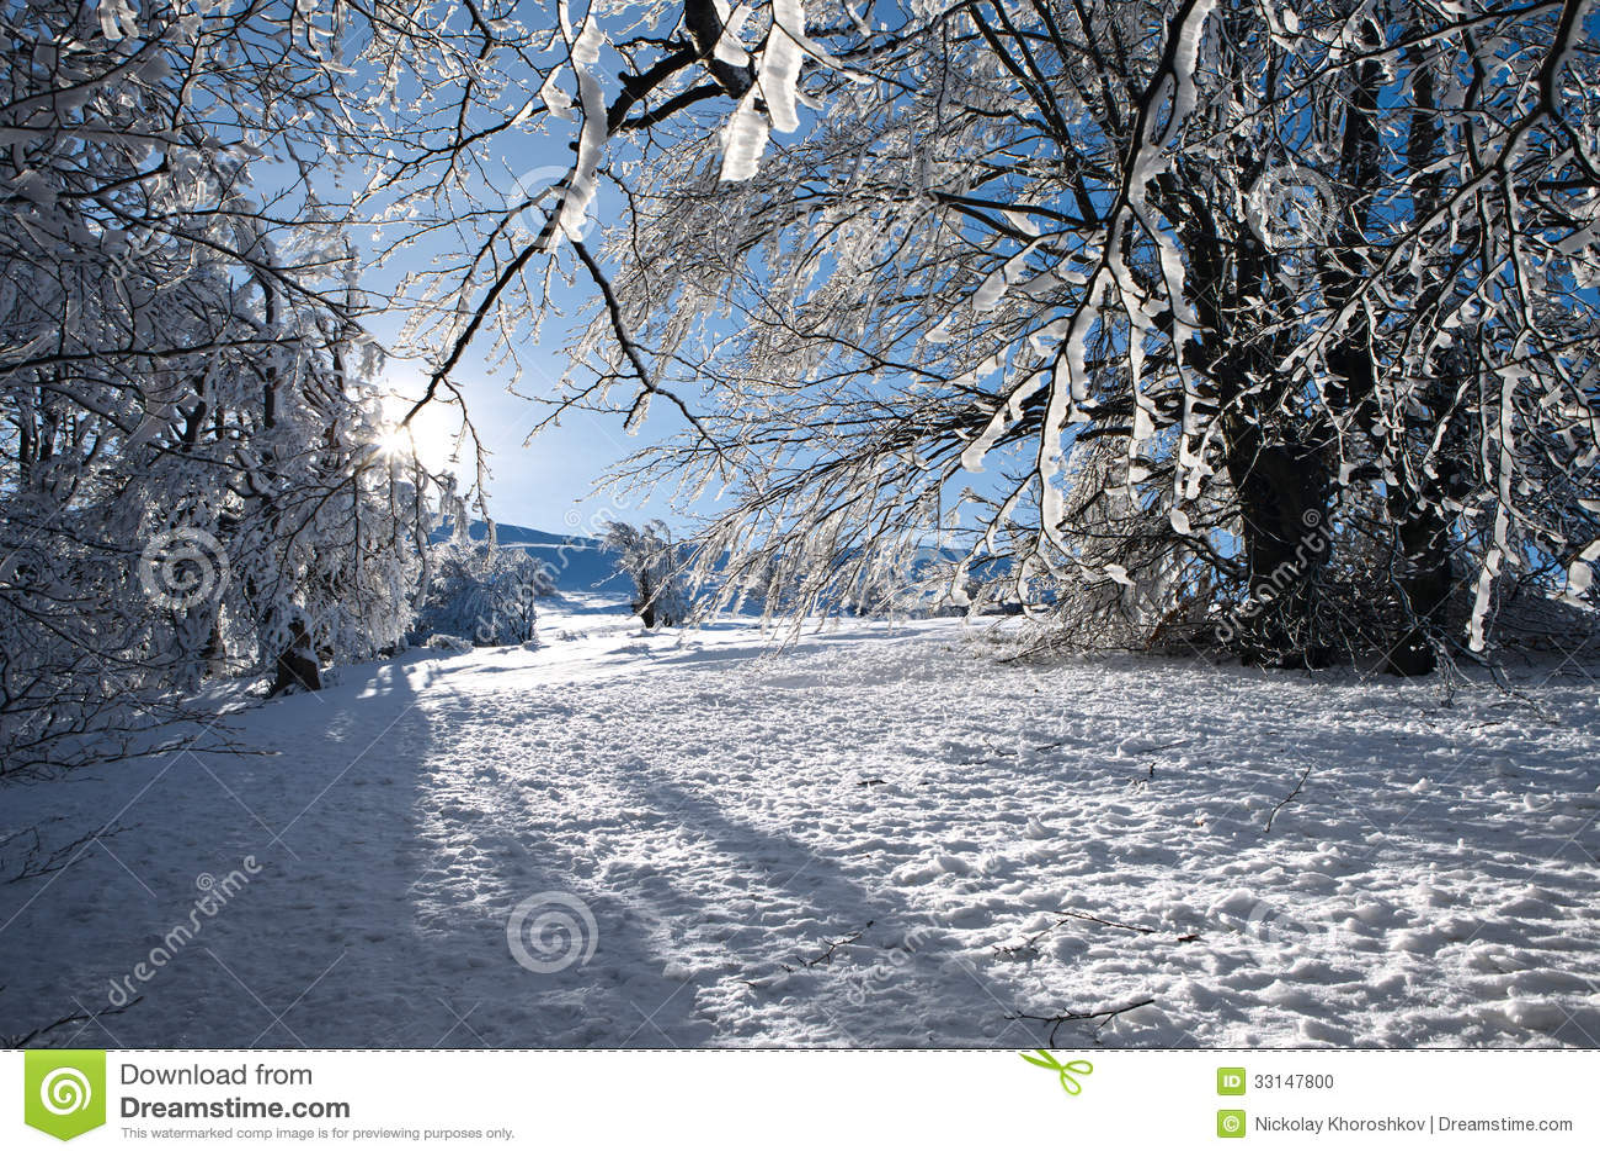 paysage de montagne d 39 hiver avec des sapins sur la colline photo stock image 33147800. Black Bedroom Furniture Sets. Home Design Ideas